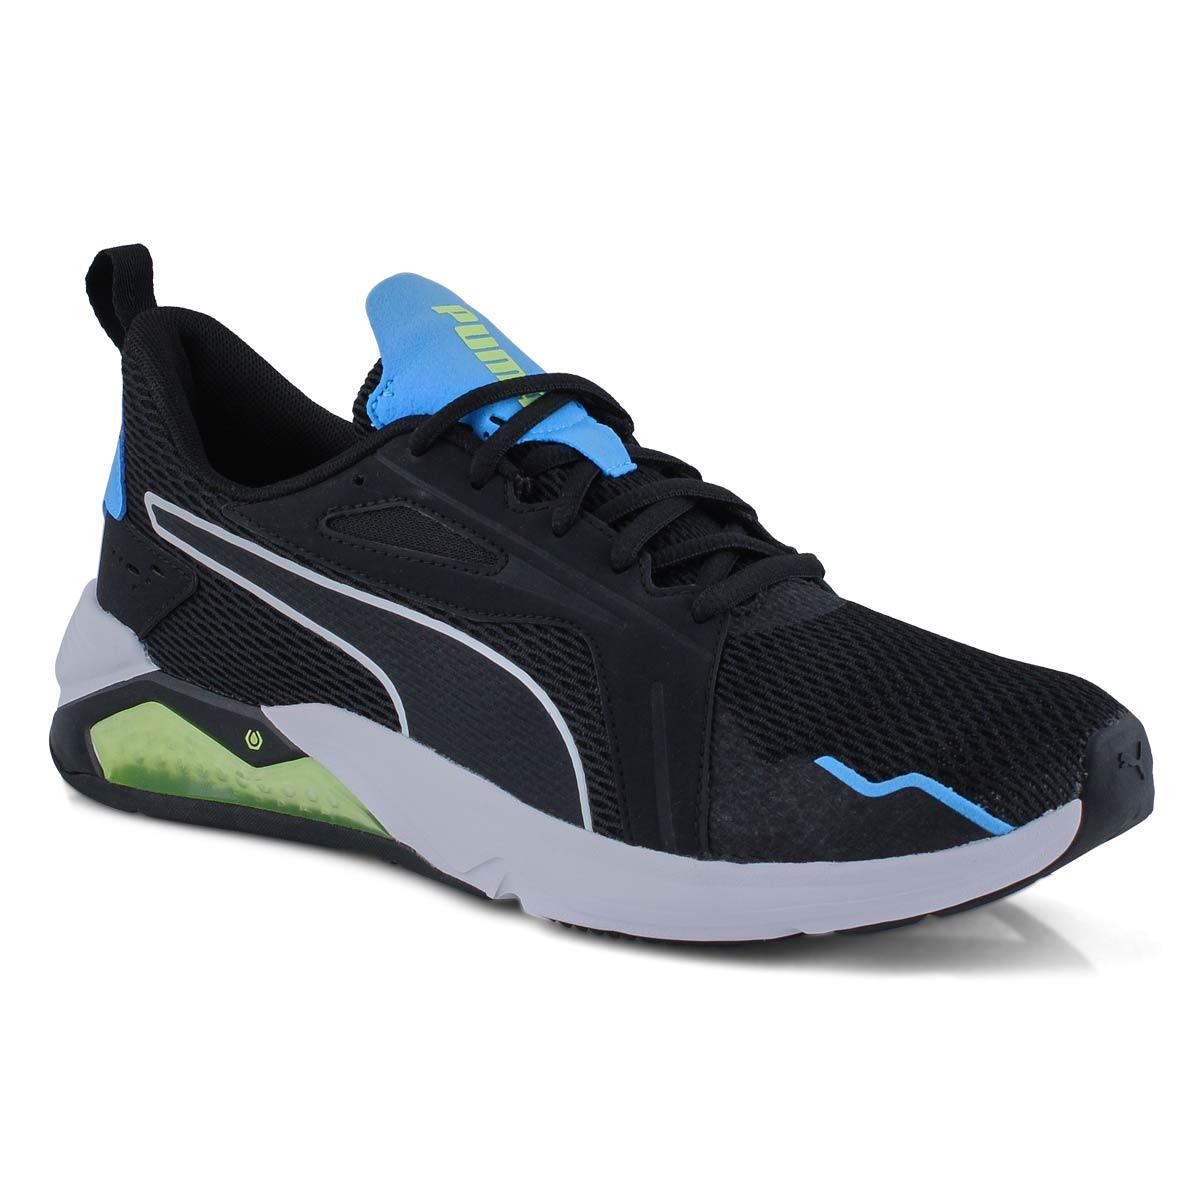 Men's Lqdcell Method Sneaker - Black/nrgy blue